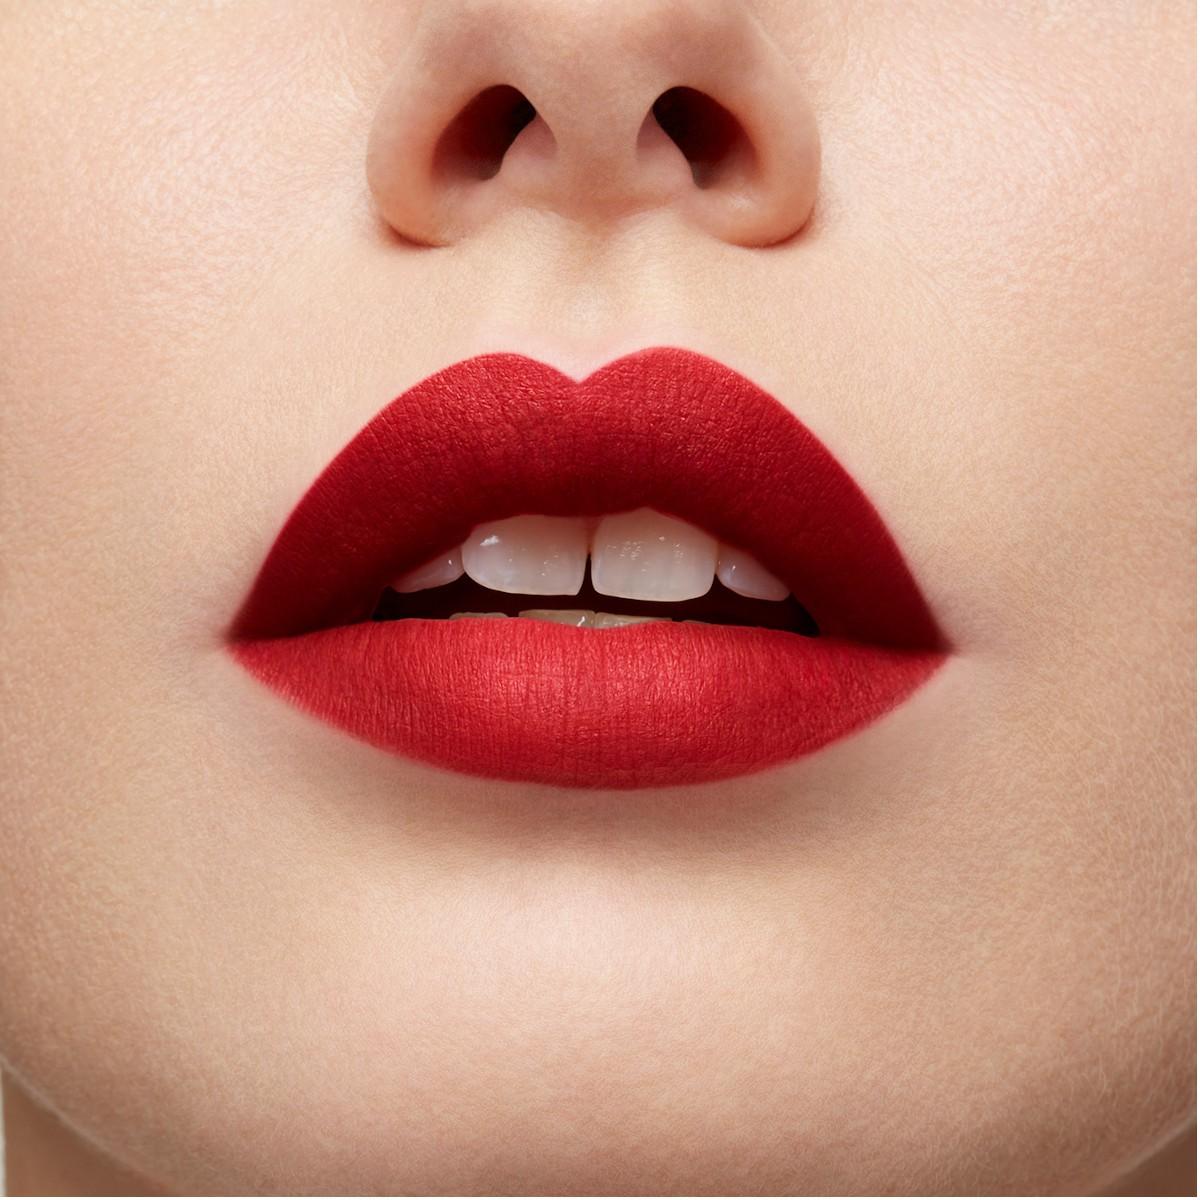 化妆品 - Matte Fluid Lip - Christian Louboutin